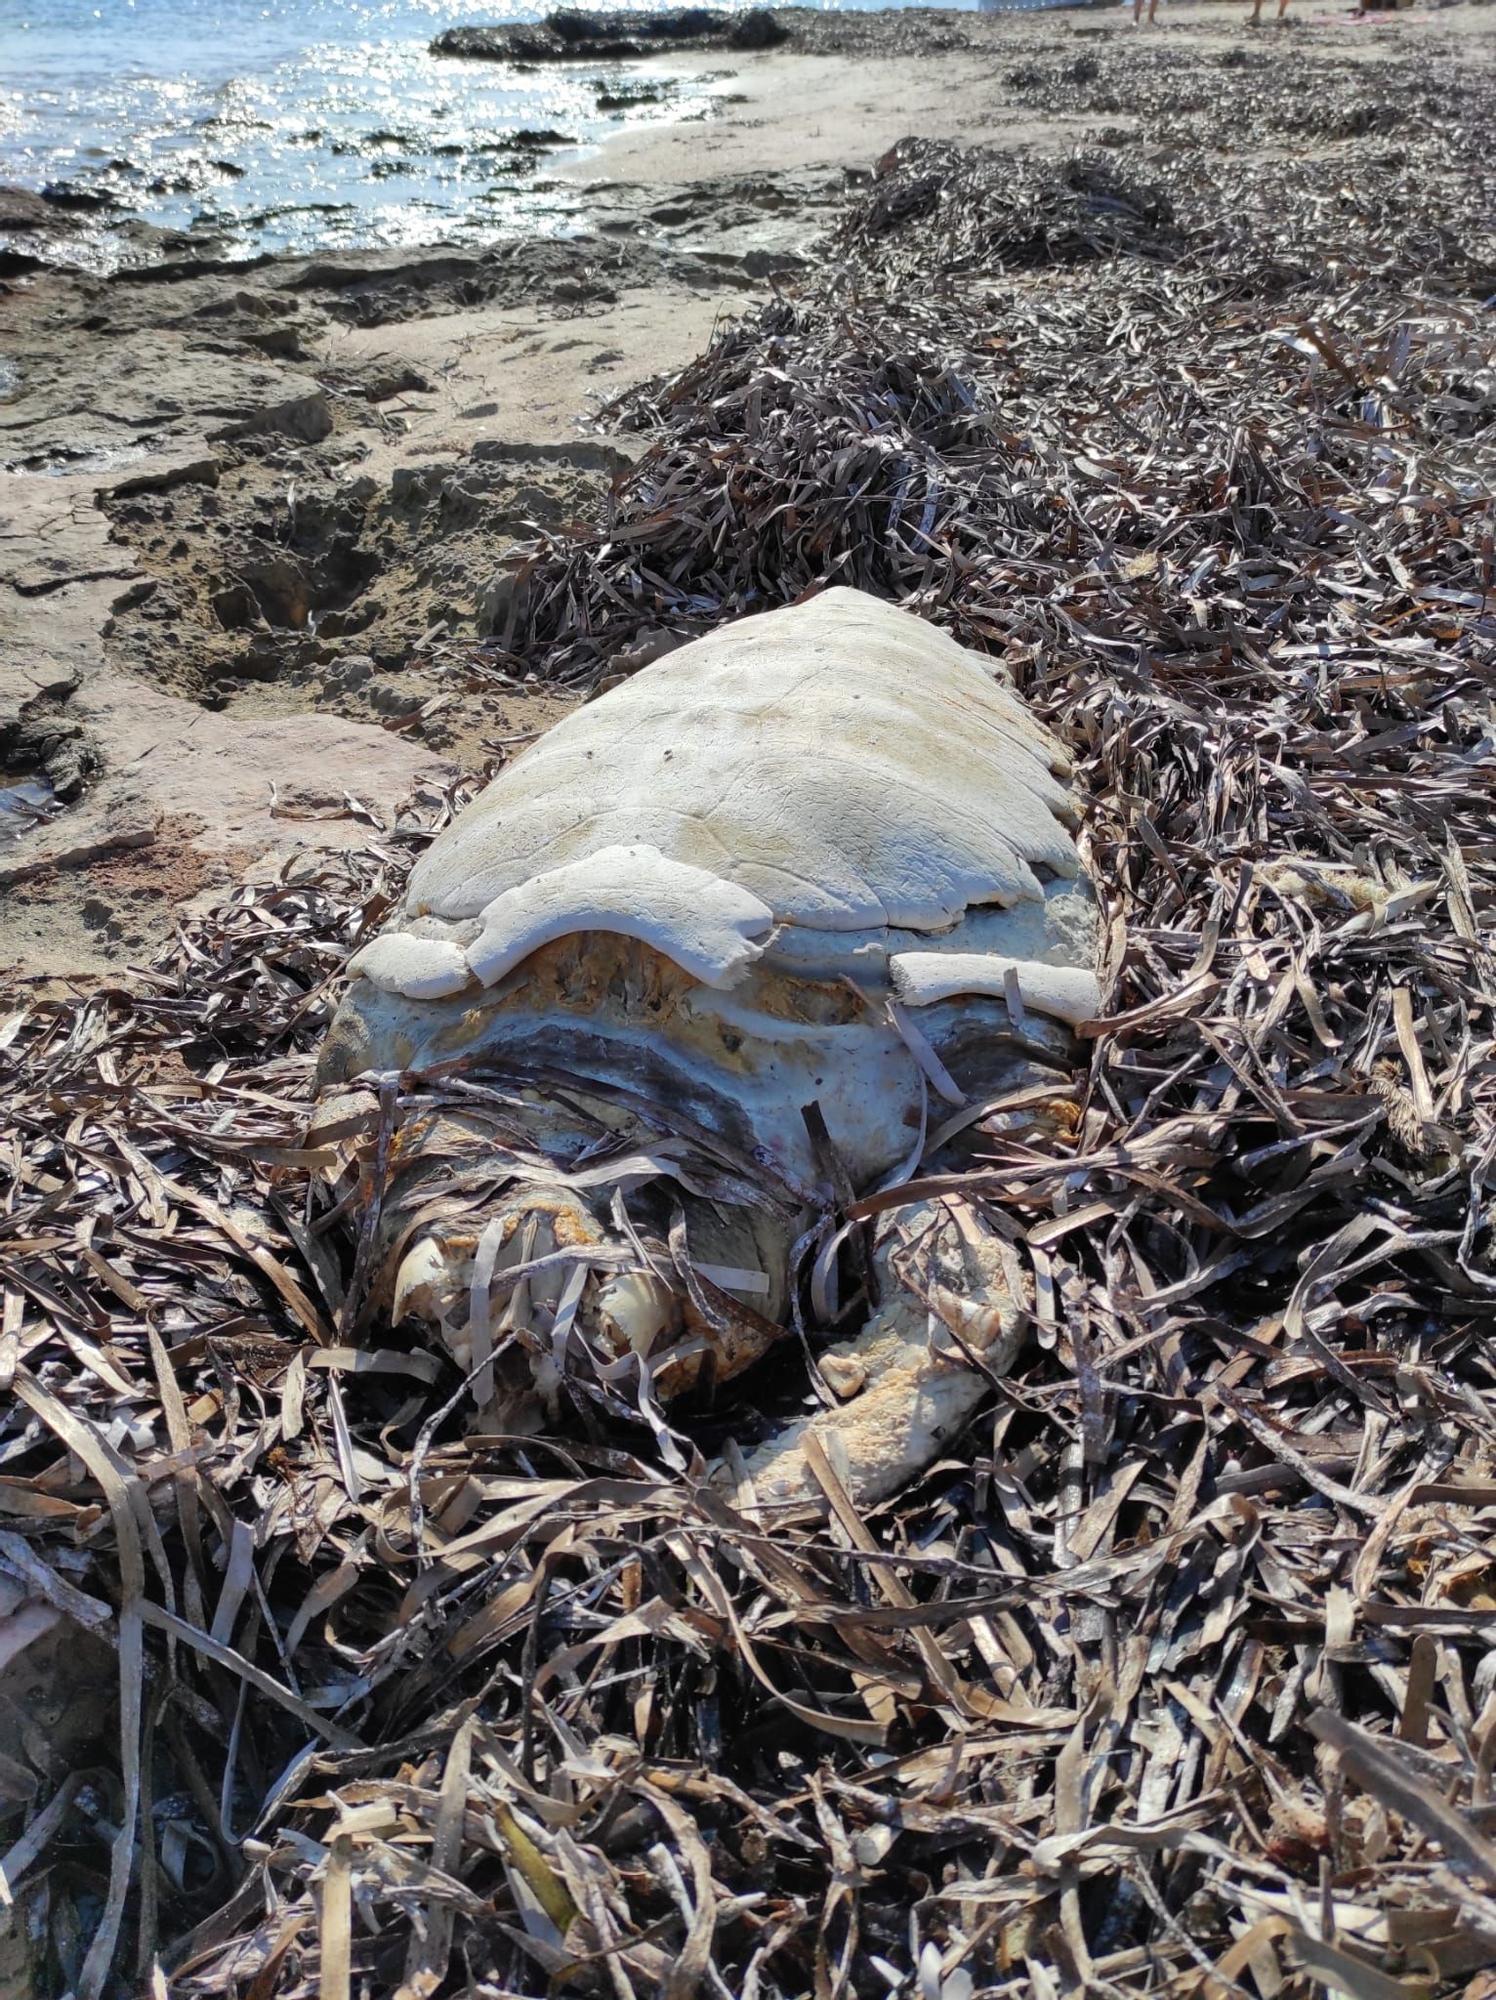 Aparece el esqueleto de una tortuga en una playa de Formentera